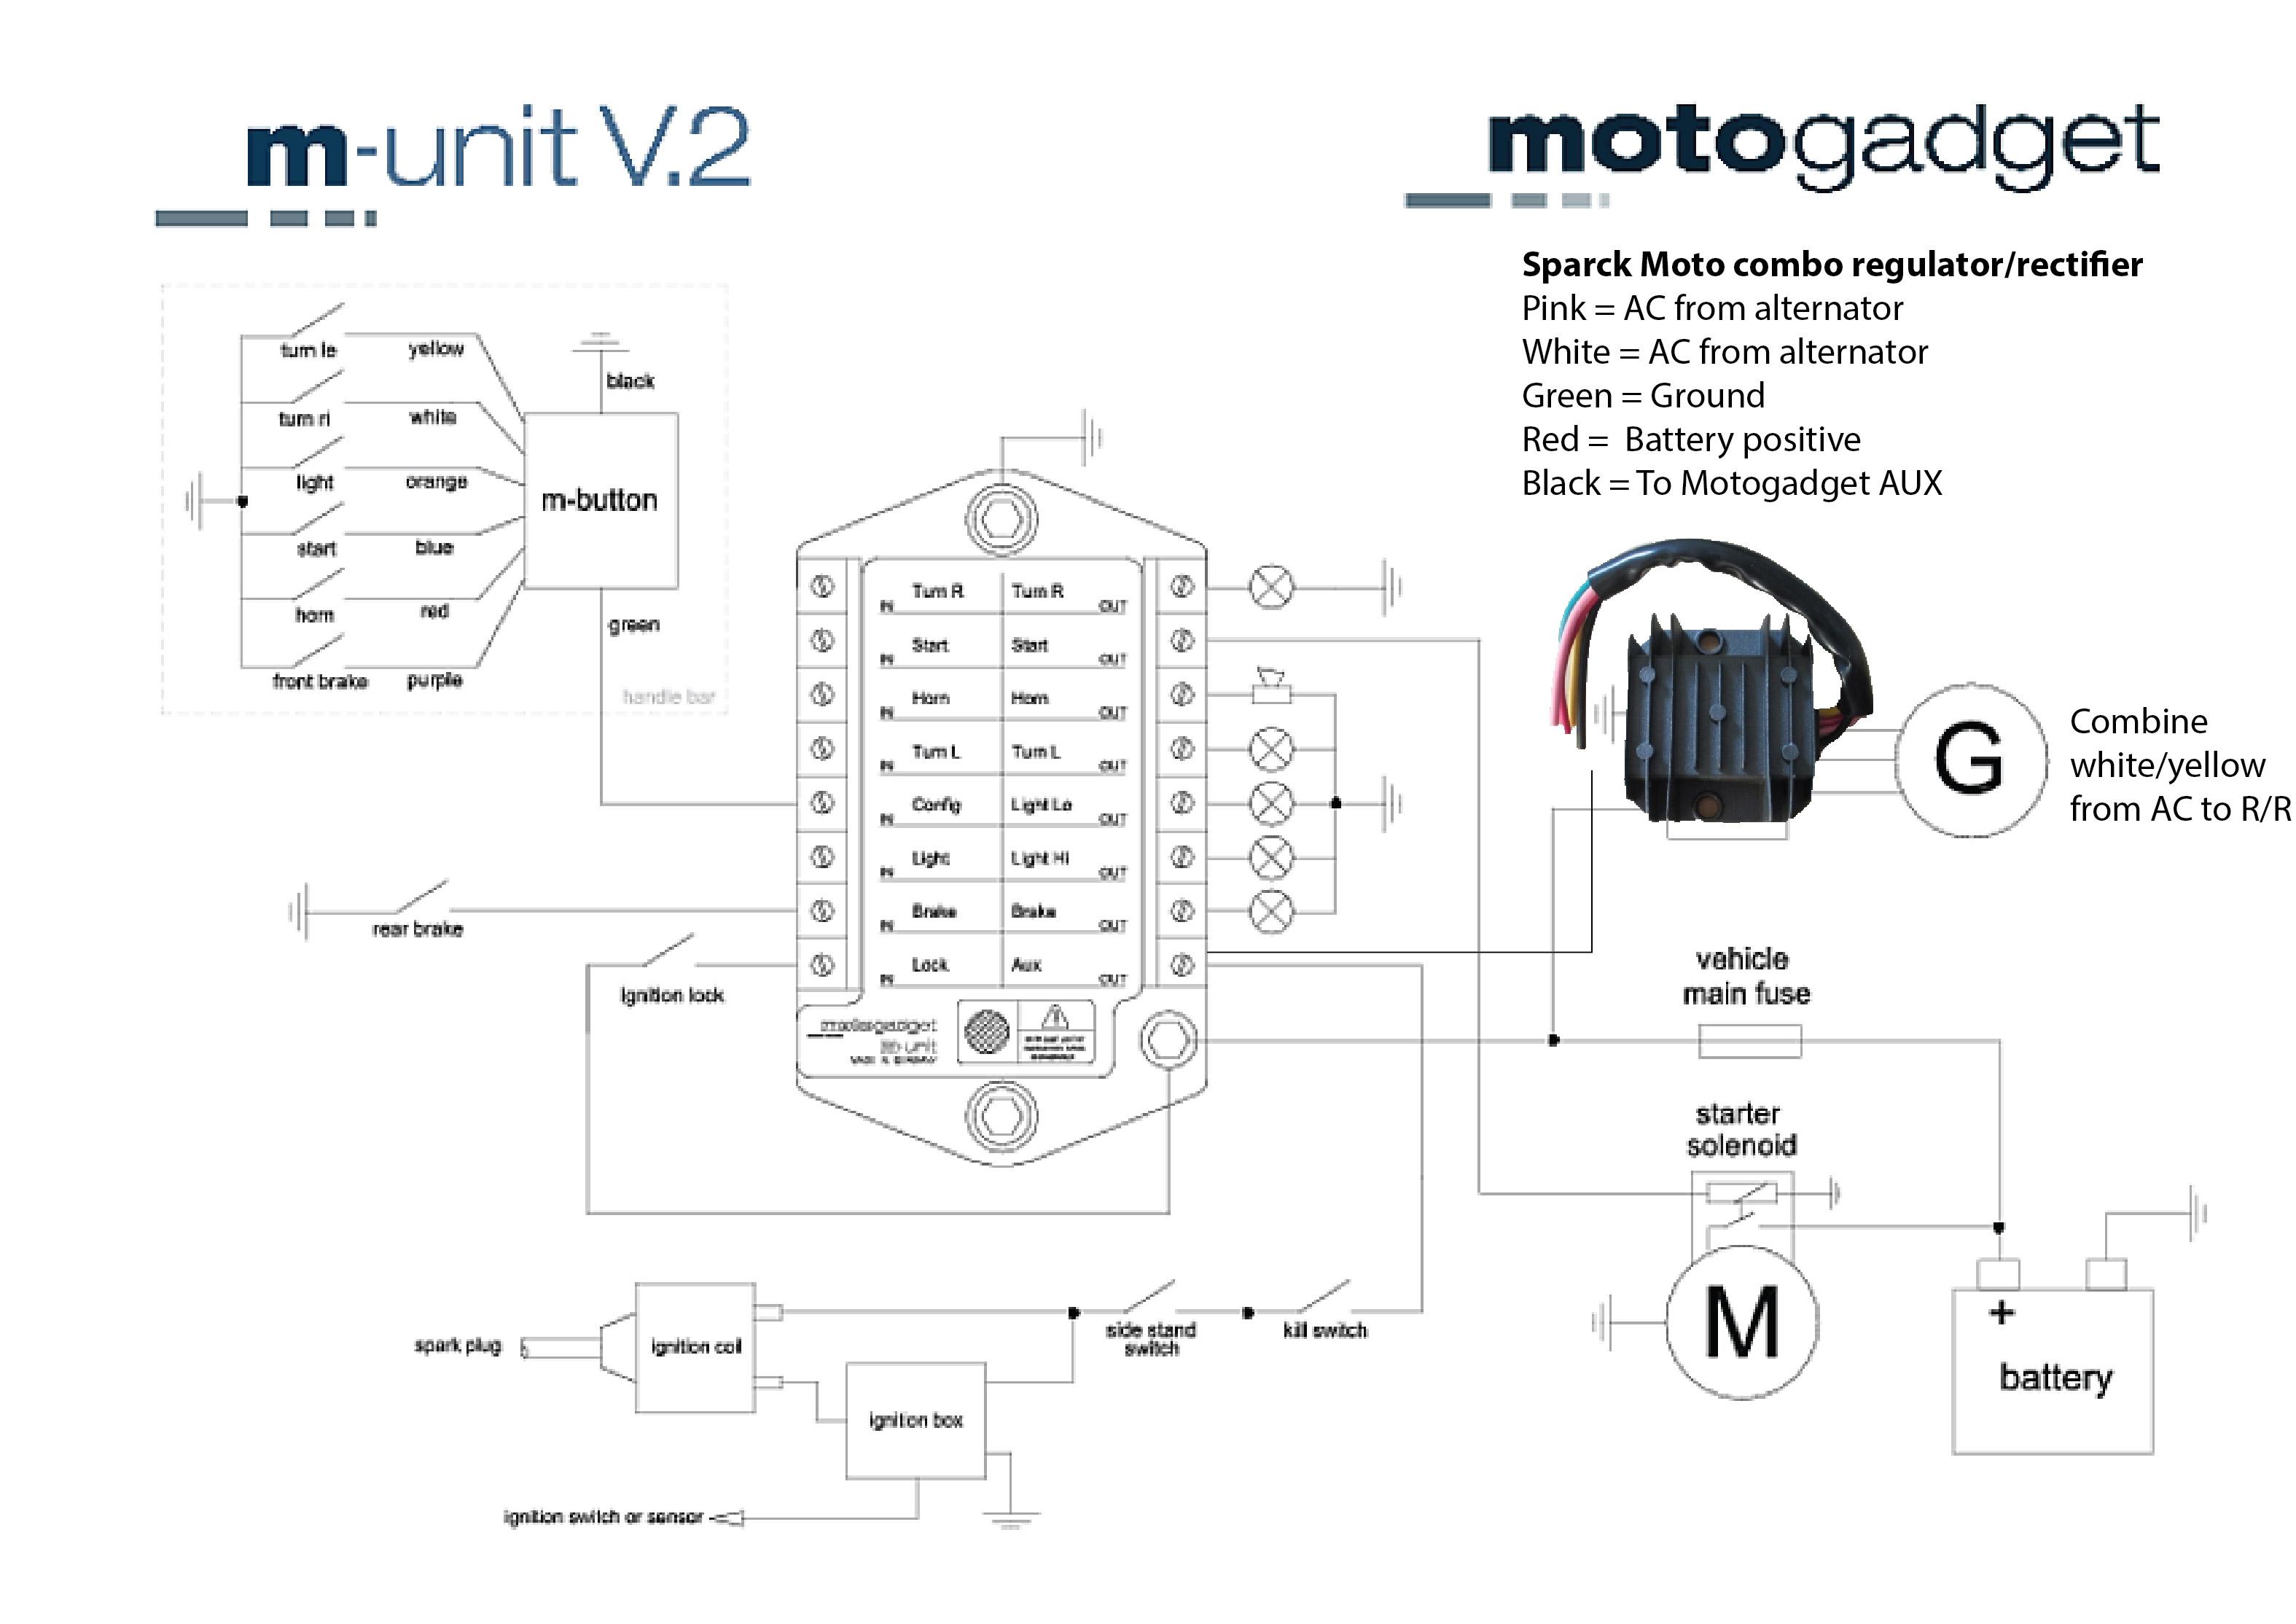 Motogadget M R Diagram